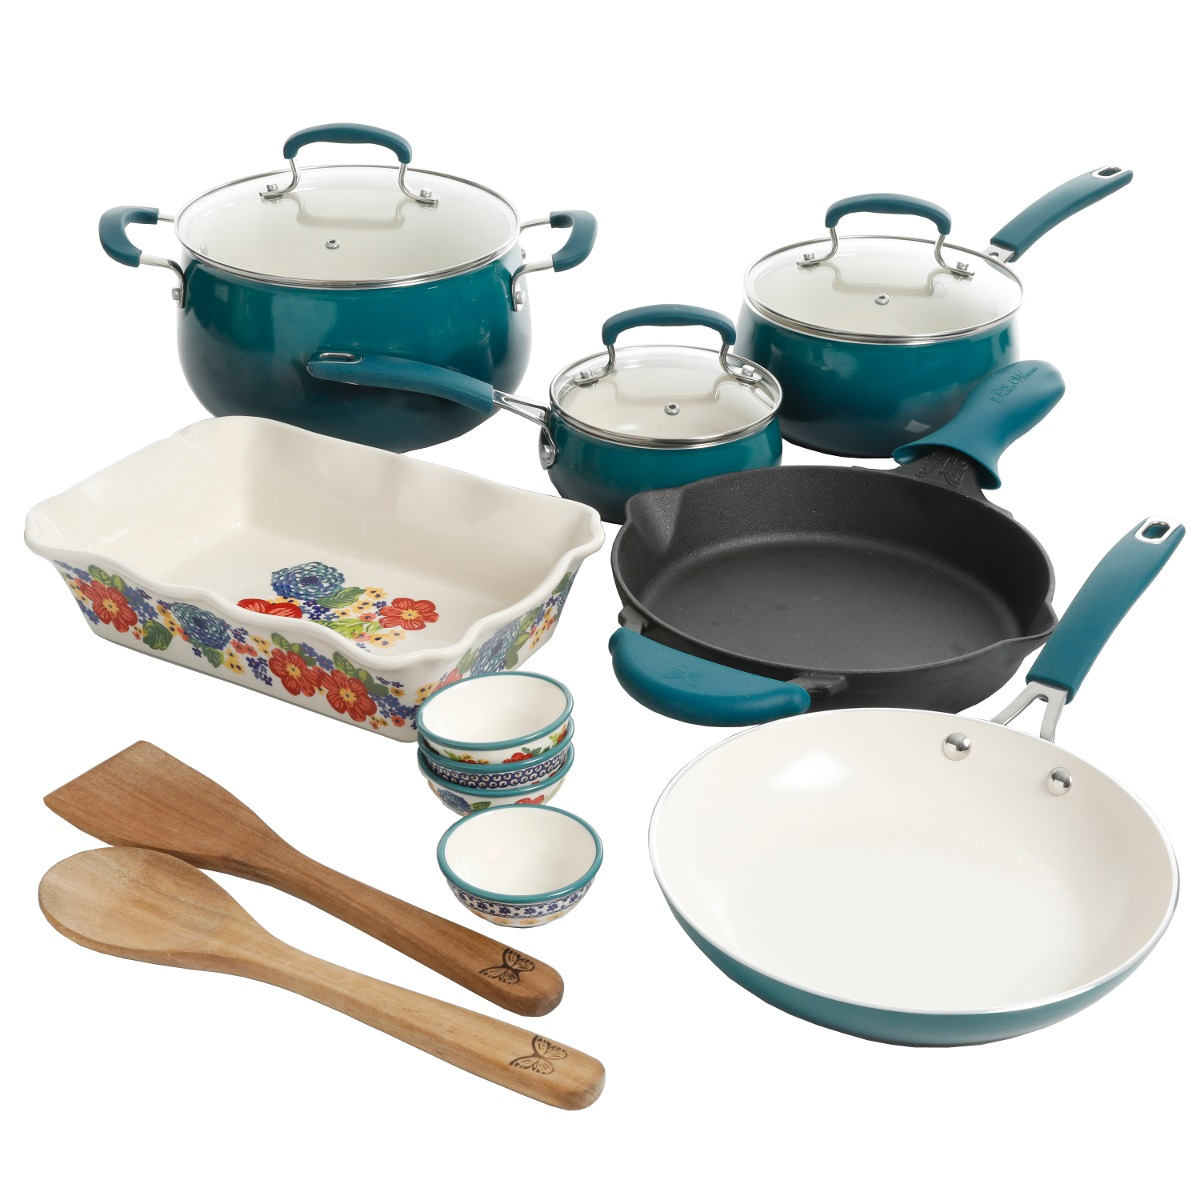 Set De 17 Piezas De Utensilios De Cocina, Con Diseño De - $ 8.851,83 ...